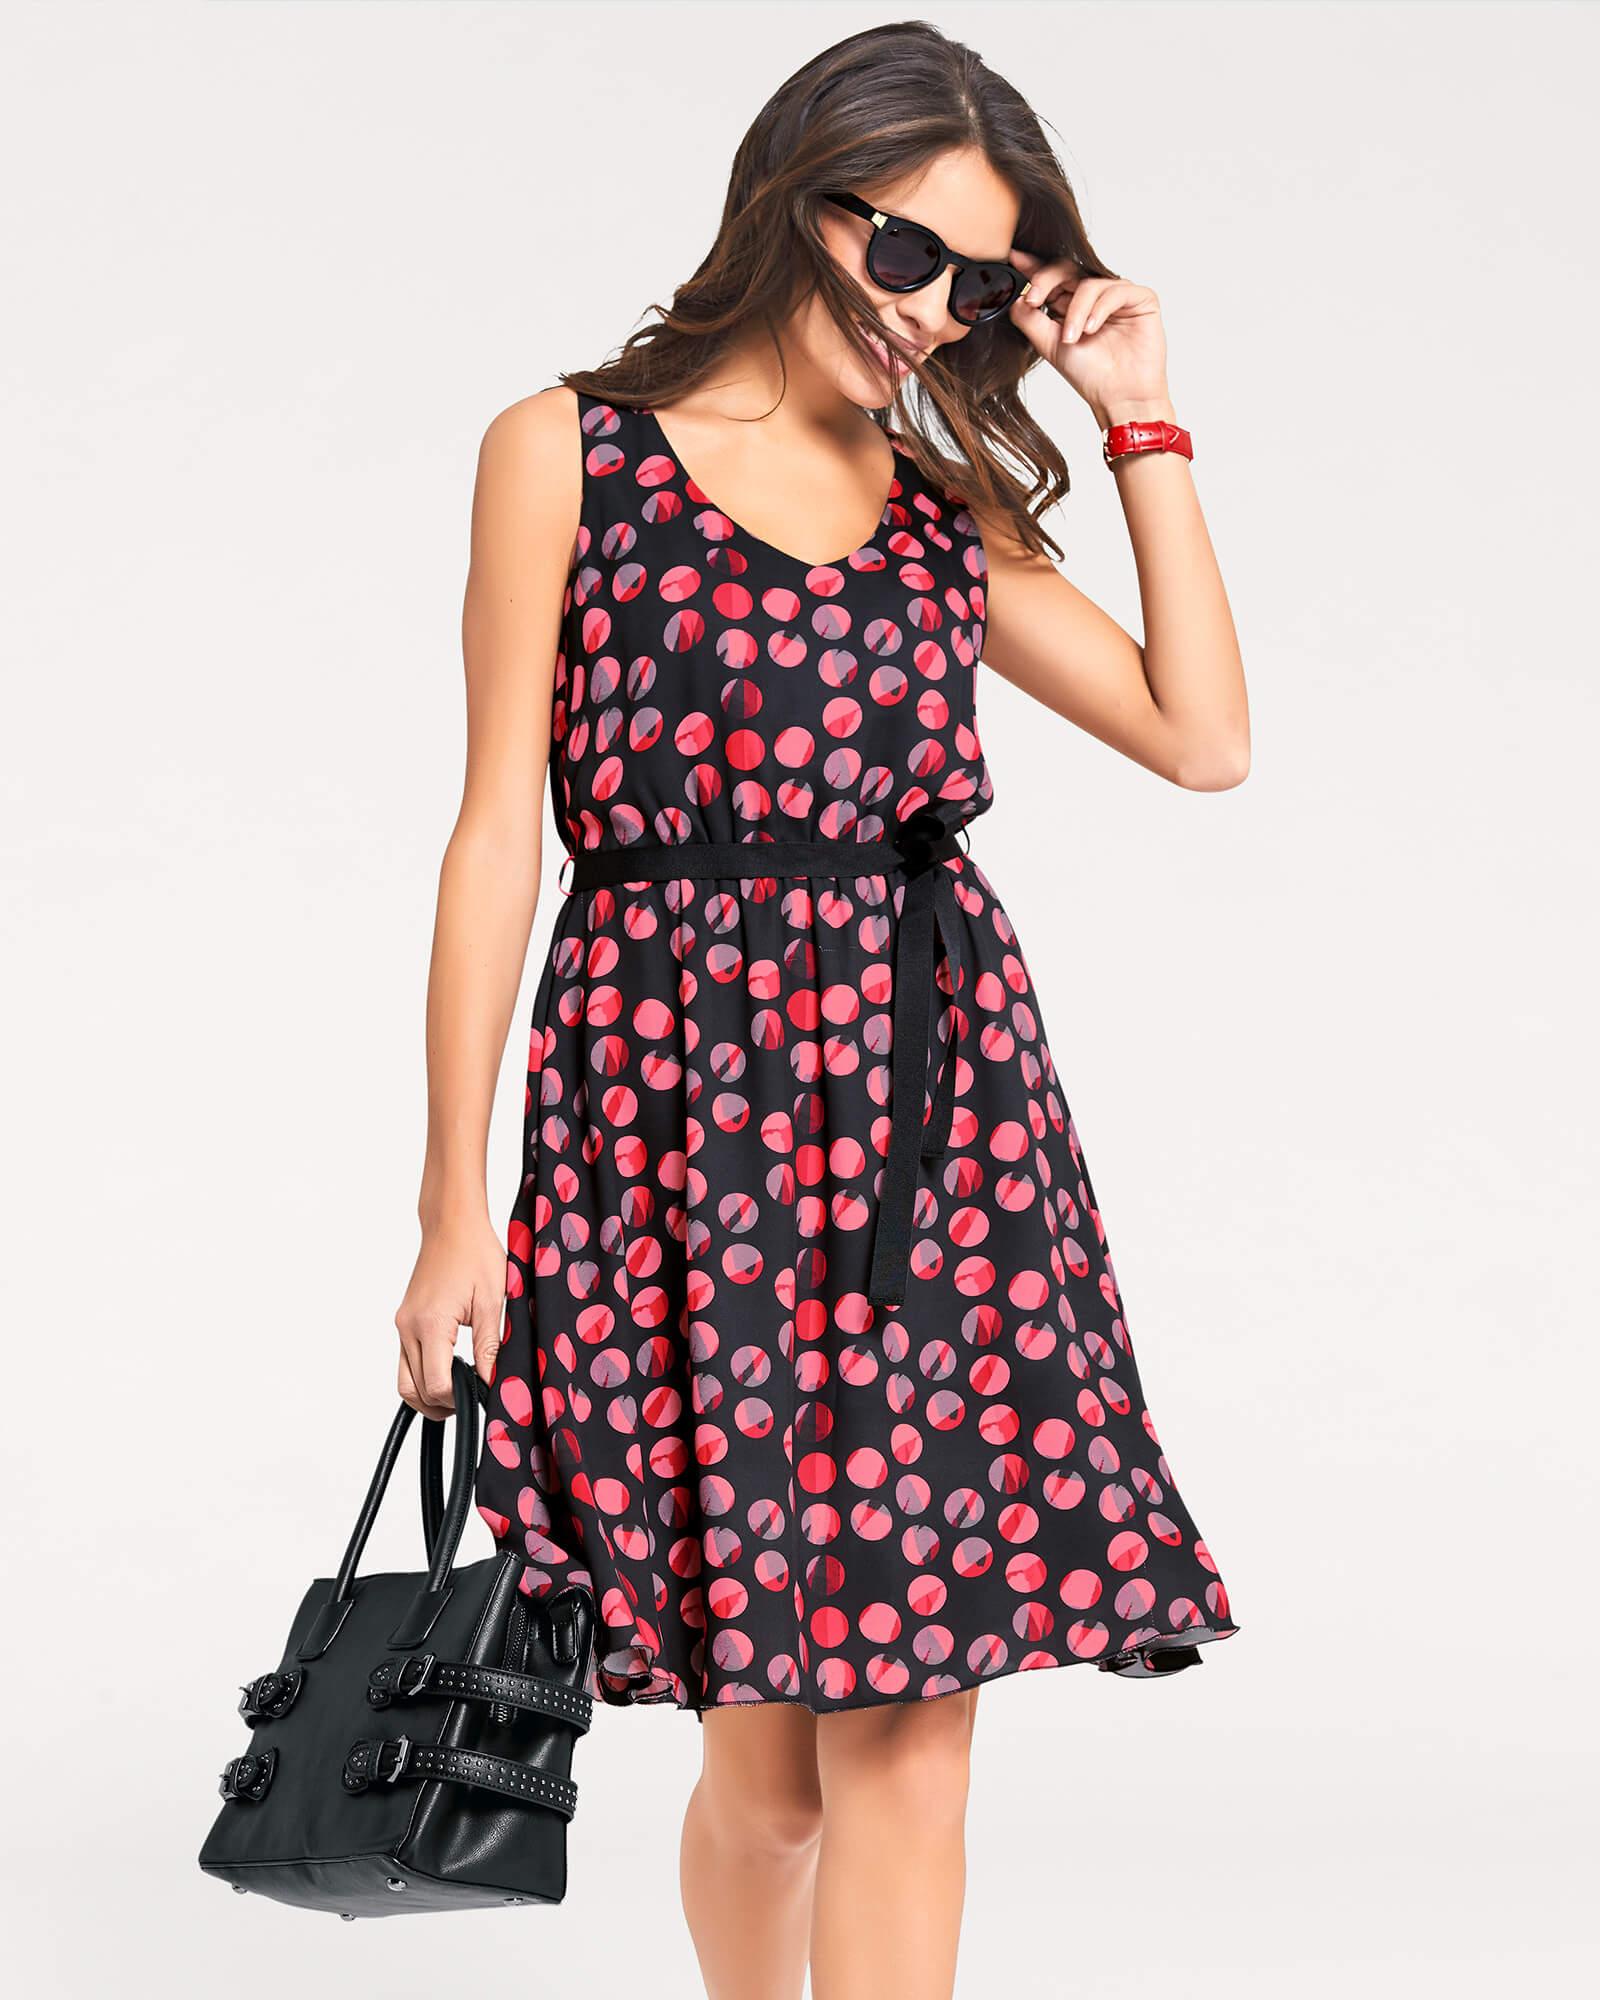 Leichtes Kleid mit farbigen Punkten